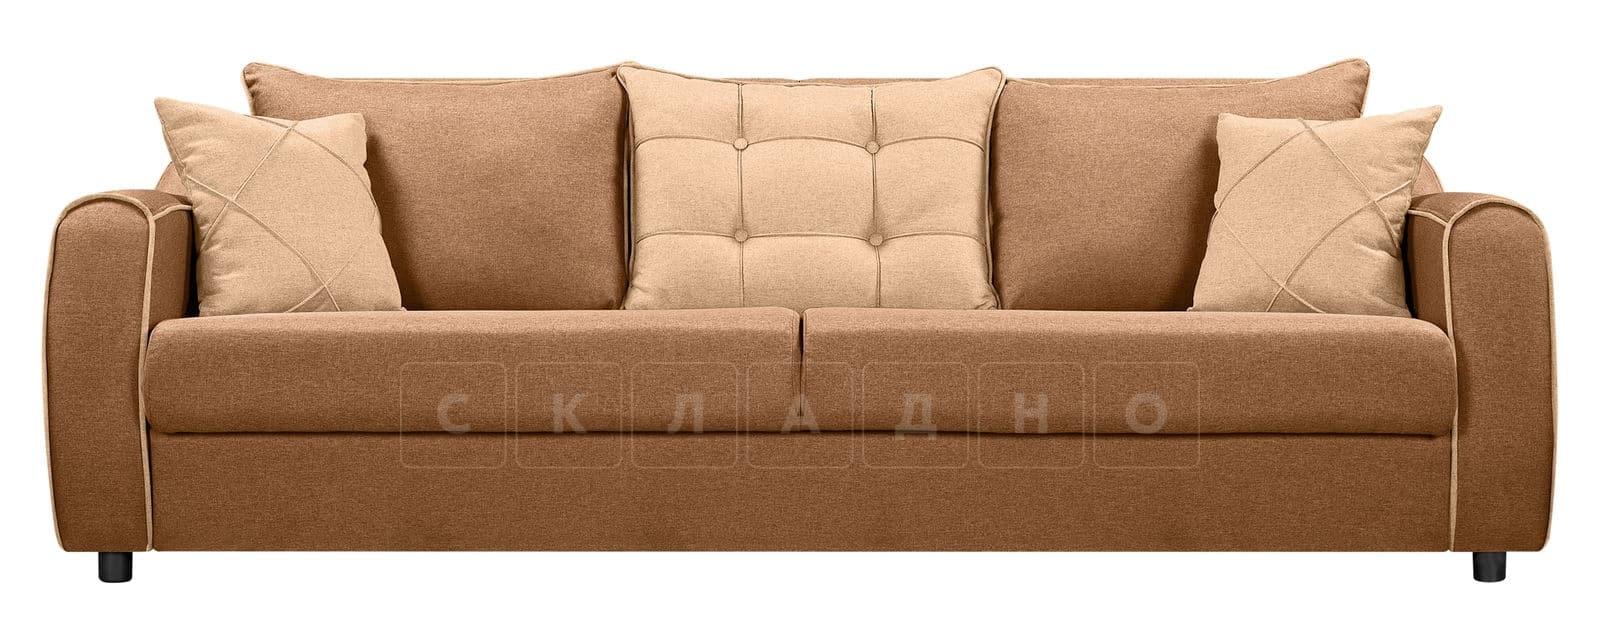 Диван Флэтфорд рогожка коричневый цвет фото 2 | интернет-магазин Складно